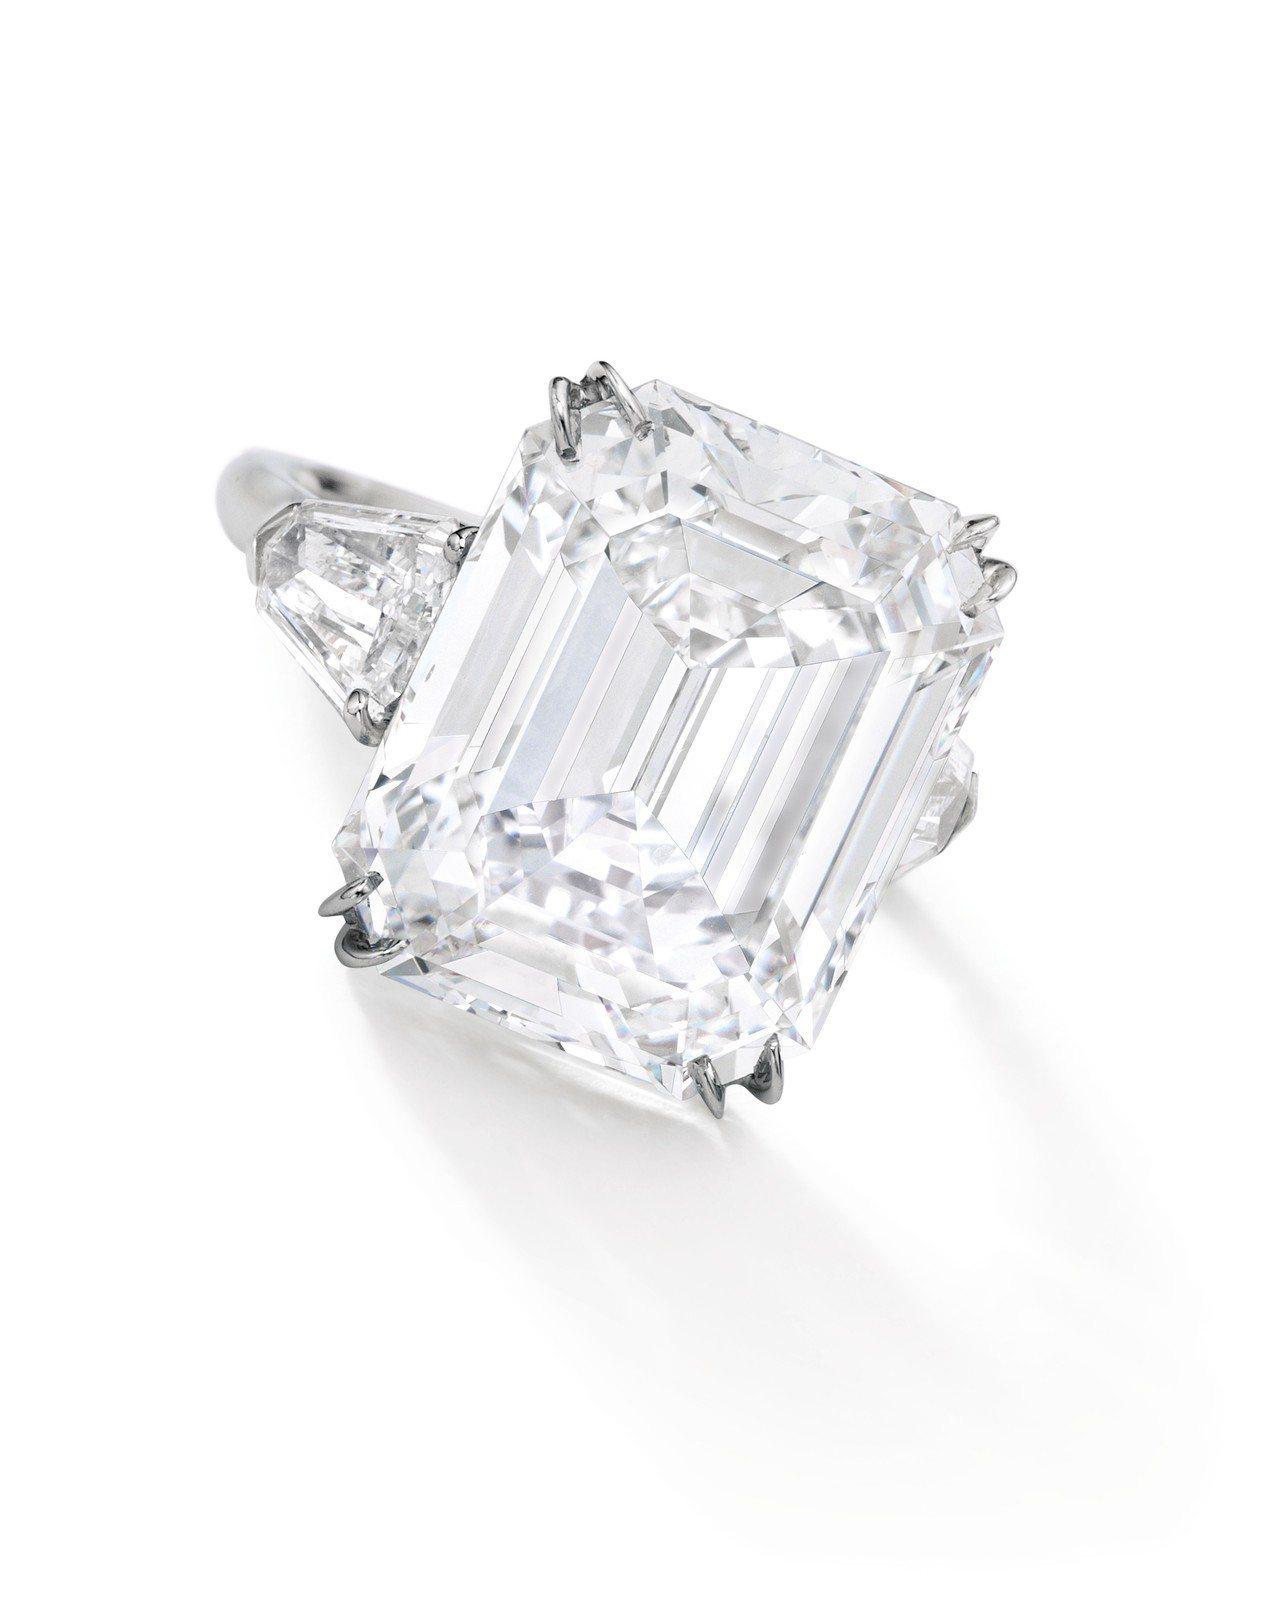 18.45 克拉方形 VVS2 淨度Type IIA鑽石戒指,估價約3,800萬...